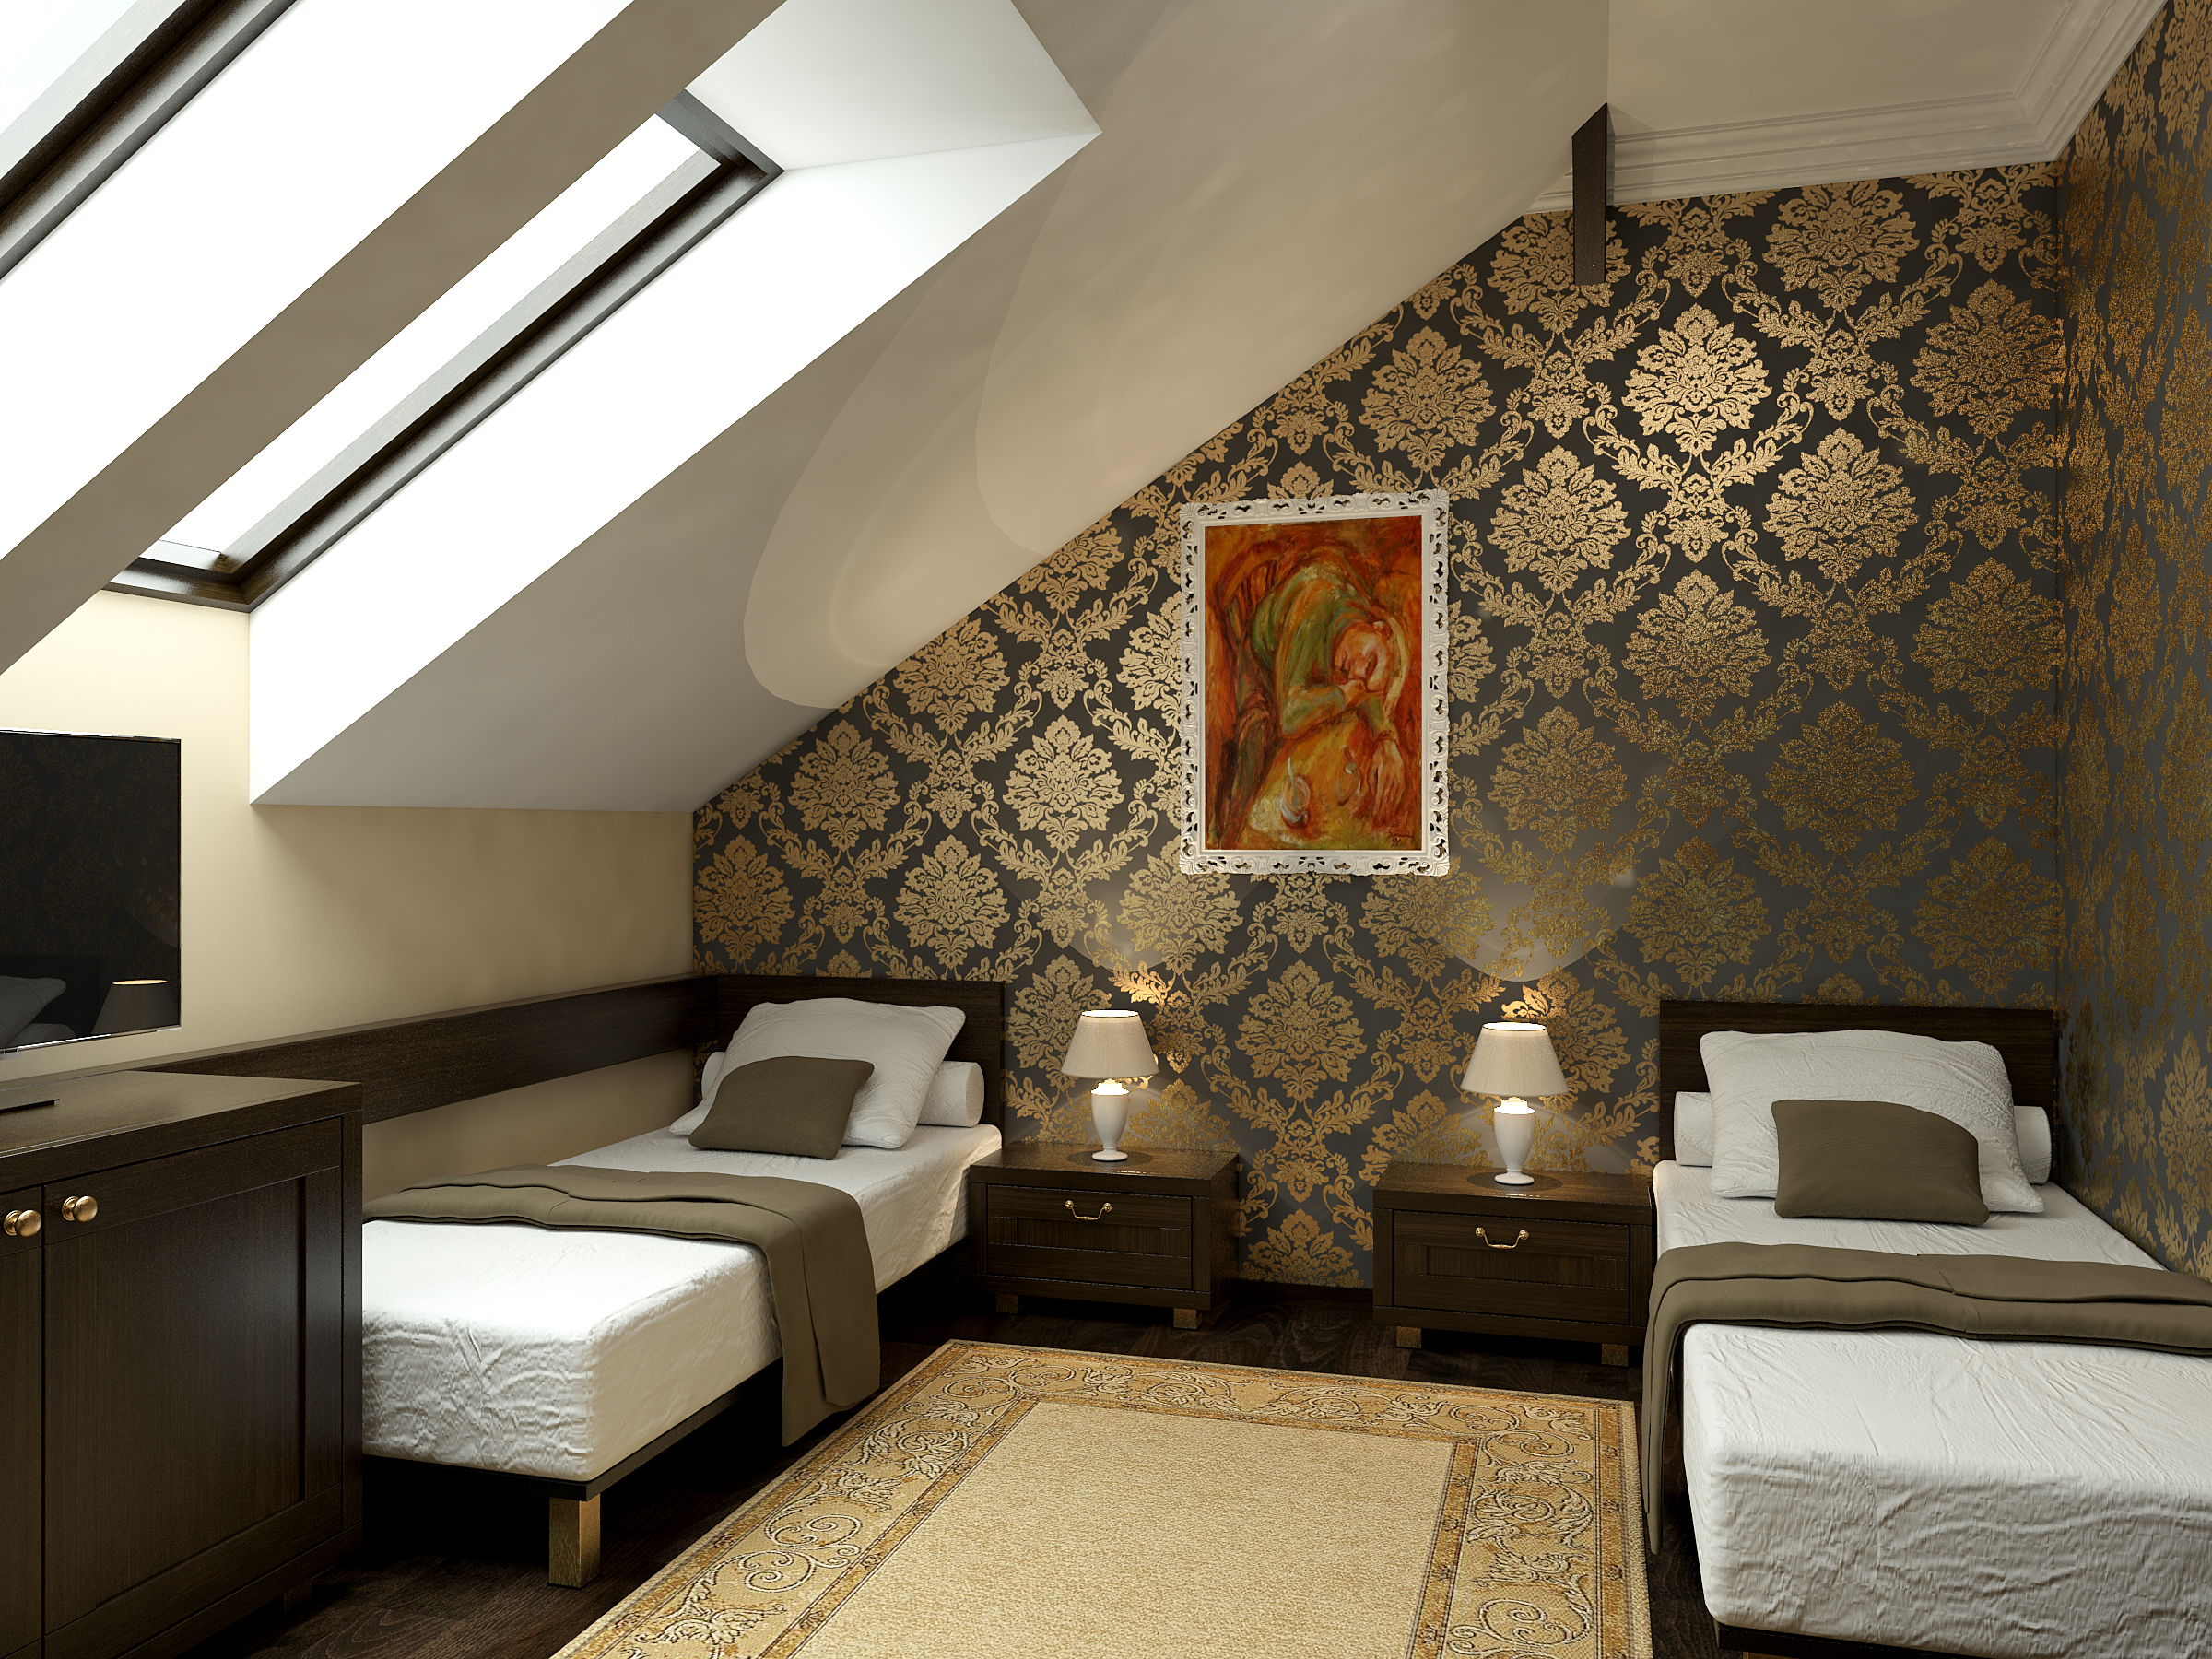 704f3a58cae8f Bardejovské kúpele patrili koncom 19. storočia k najprestížnejším a  najlepšie vybaveným kúpeľom Uhorska a celej strednej Európy.